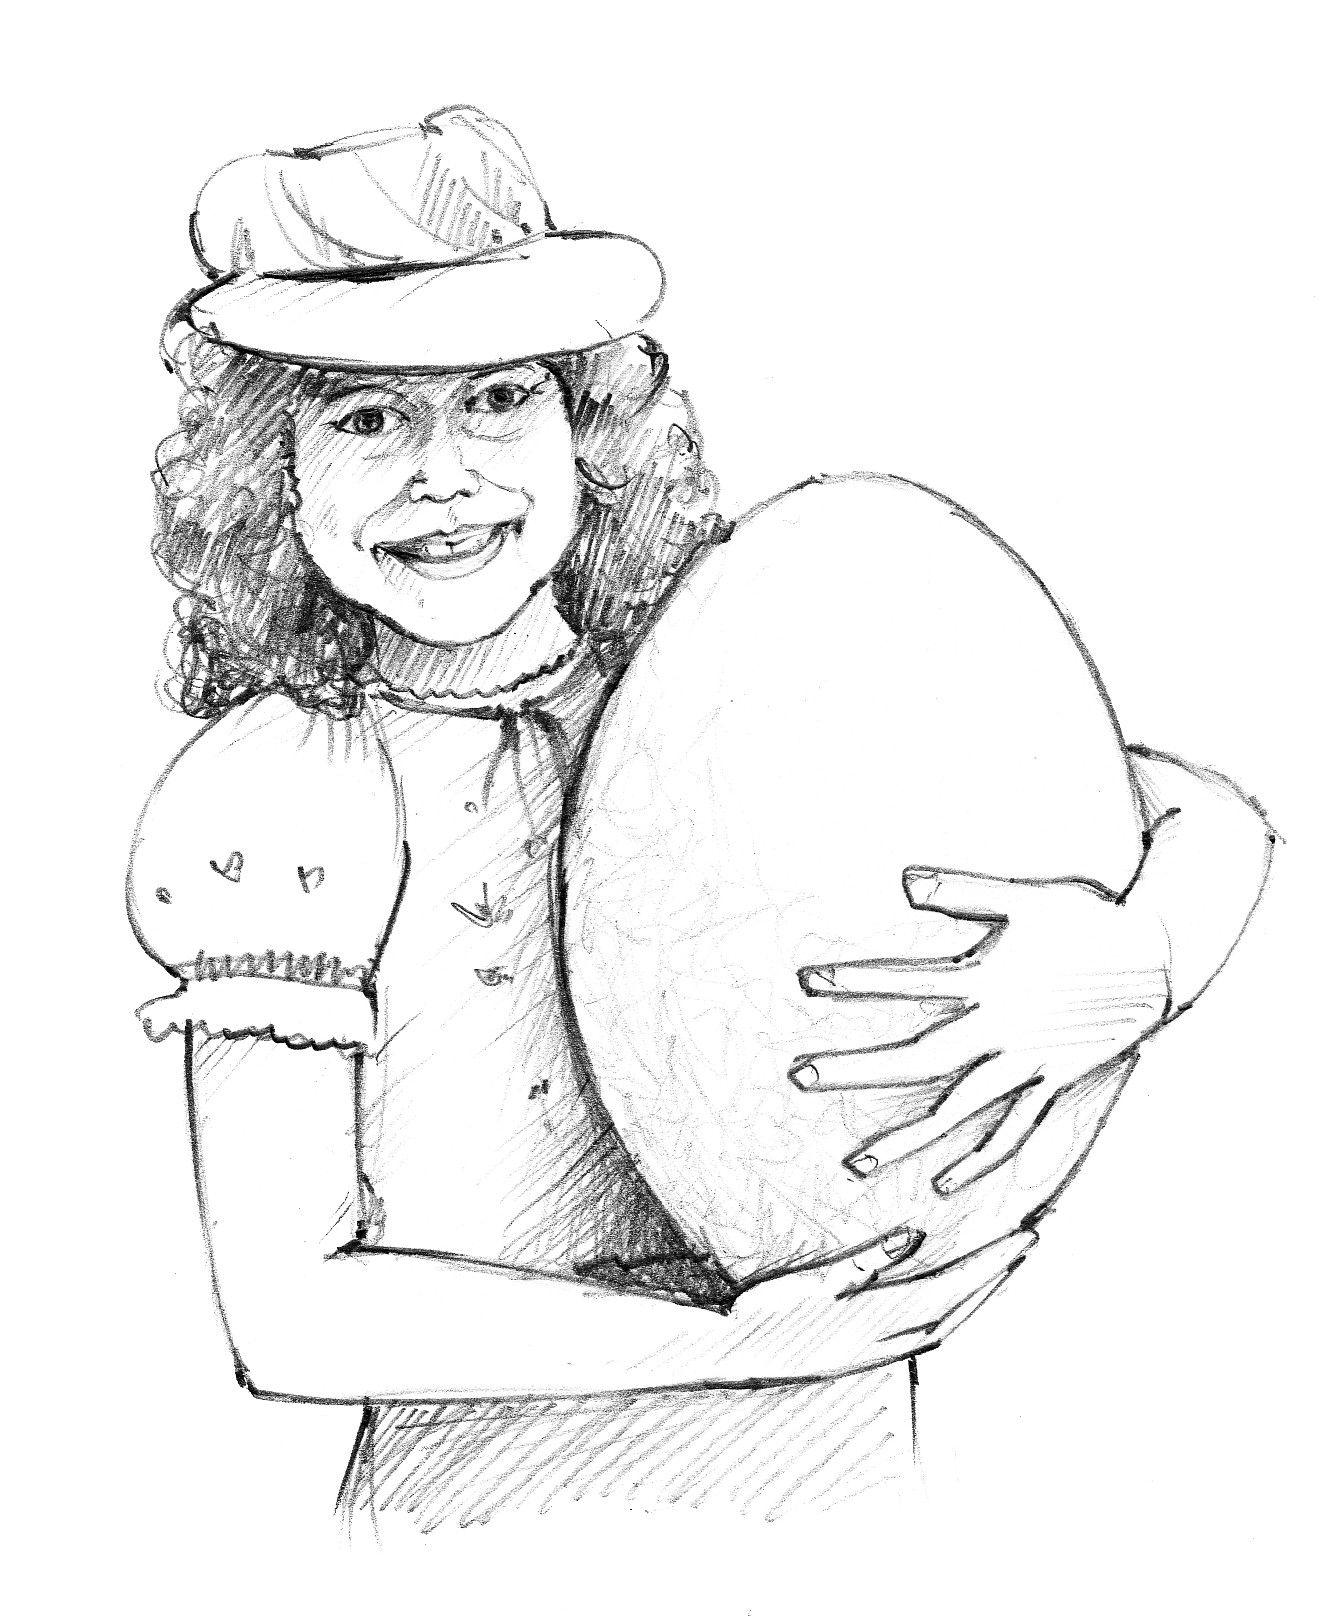 """München / Wiesbaden - Ein bis zu 3 Meter hoher und mehr als 400 Kilogramm schwerer gefiederter Riese steht im Mittelpunkt des Taschenbuches """"Aepyornis – Der Vogel, der die größten Eier legte"""". Er w..."""